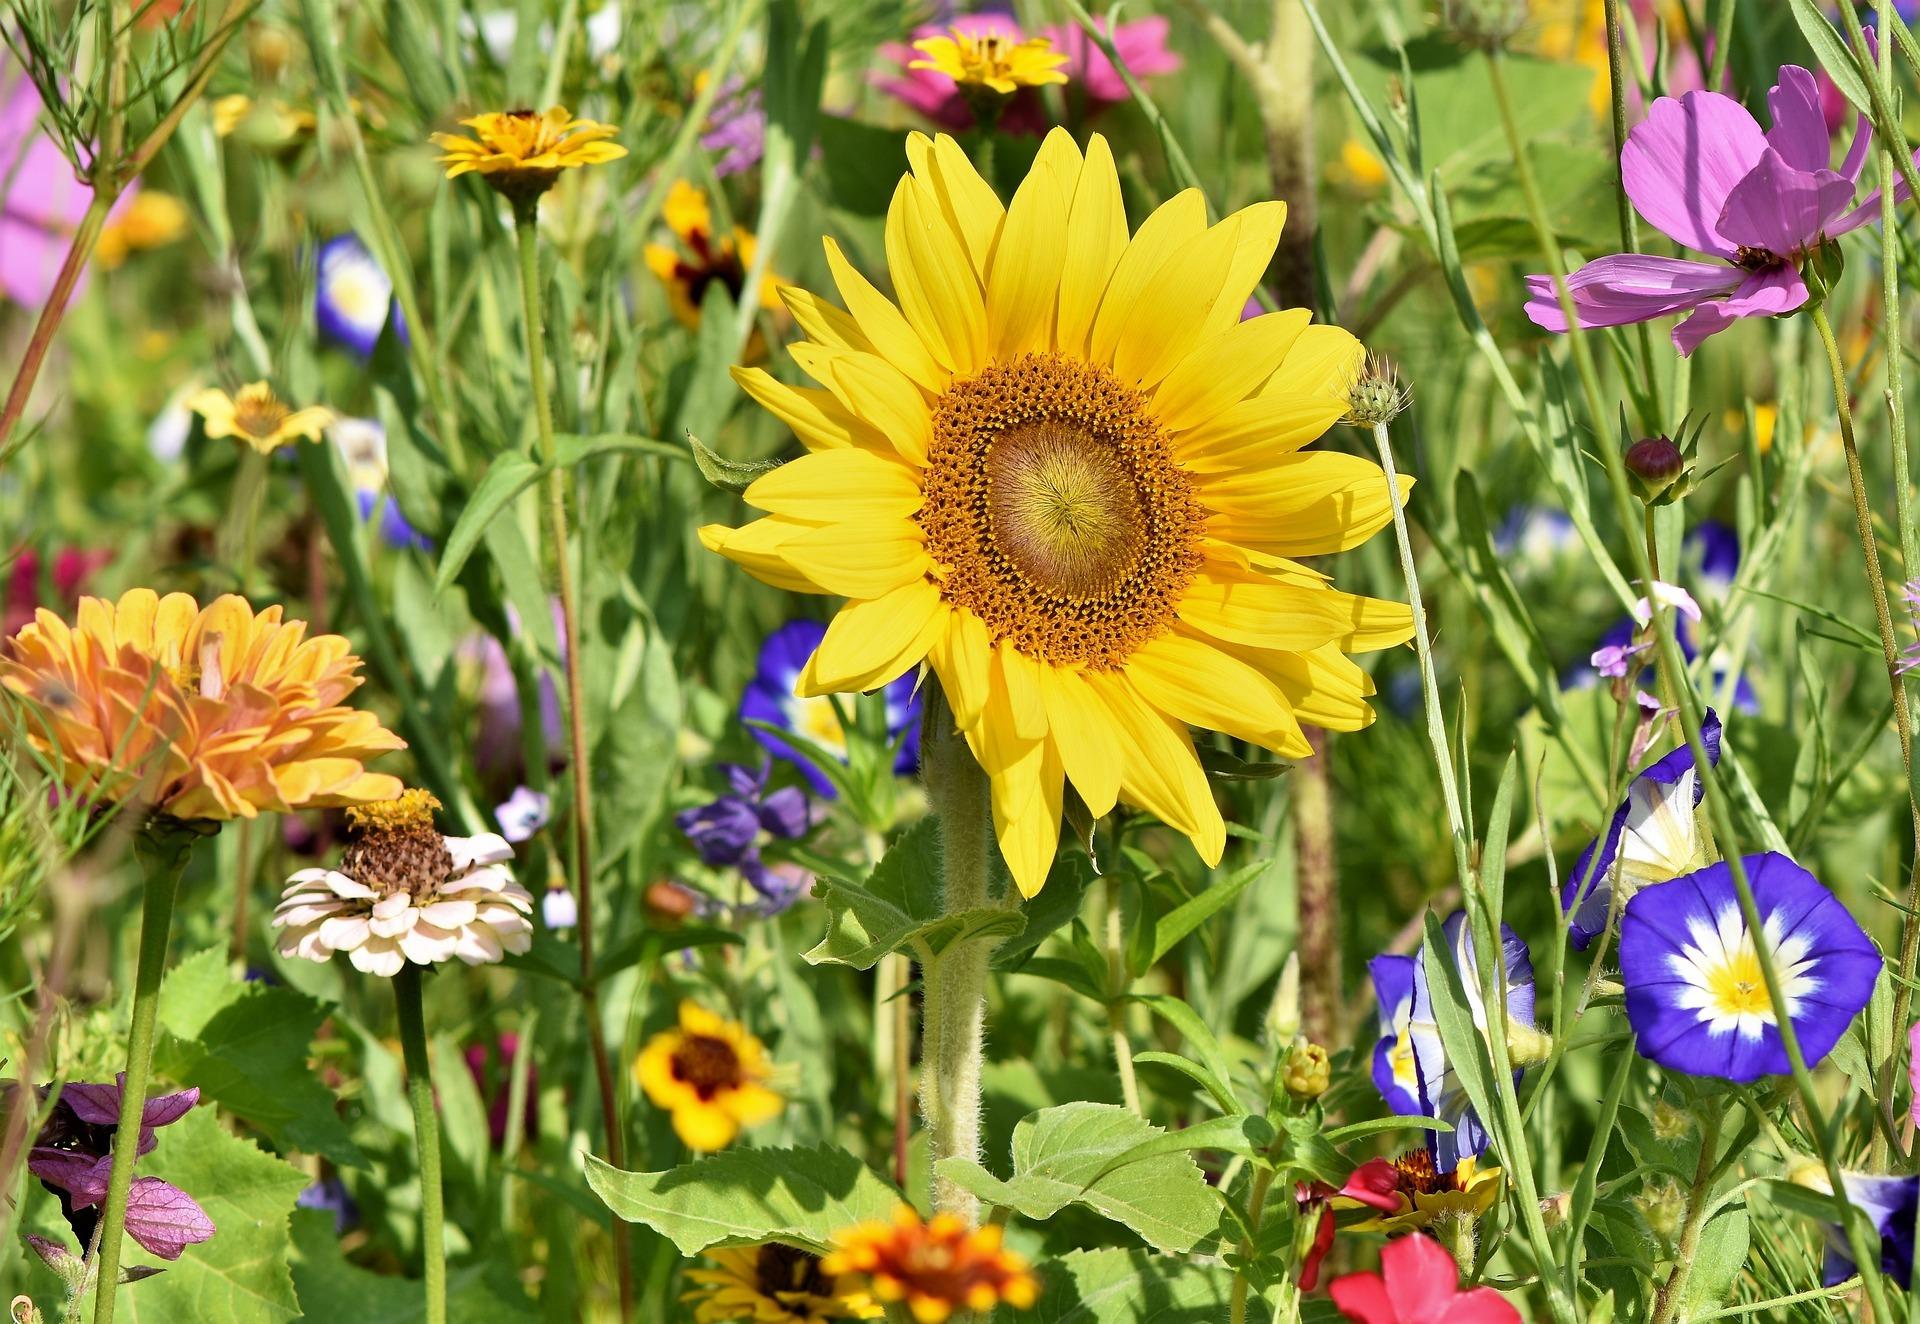 Květinové záhony zkrášlily zanedbané travnaté plochy v Ostravě